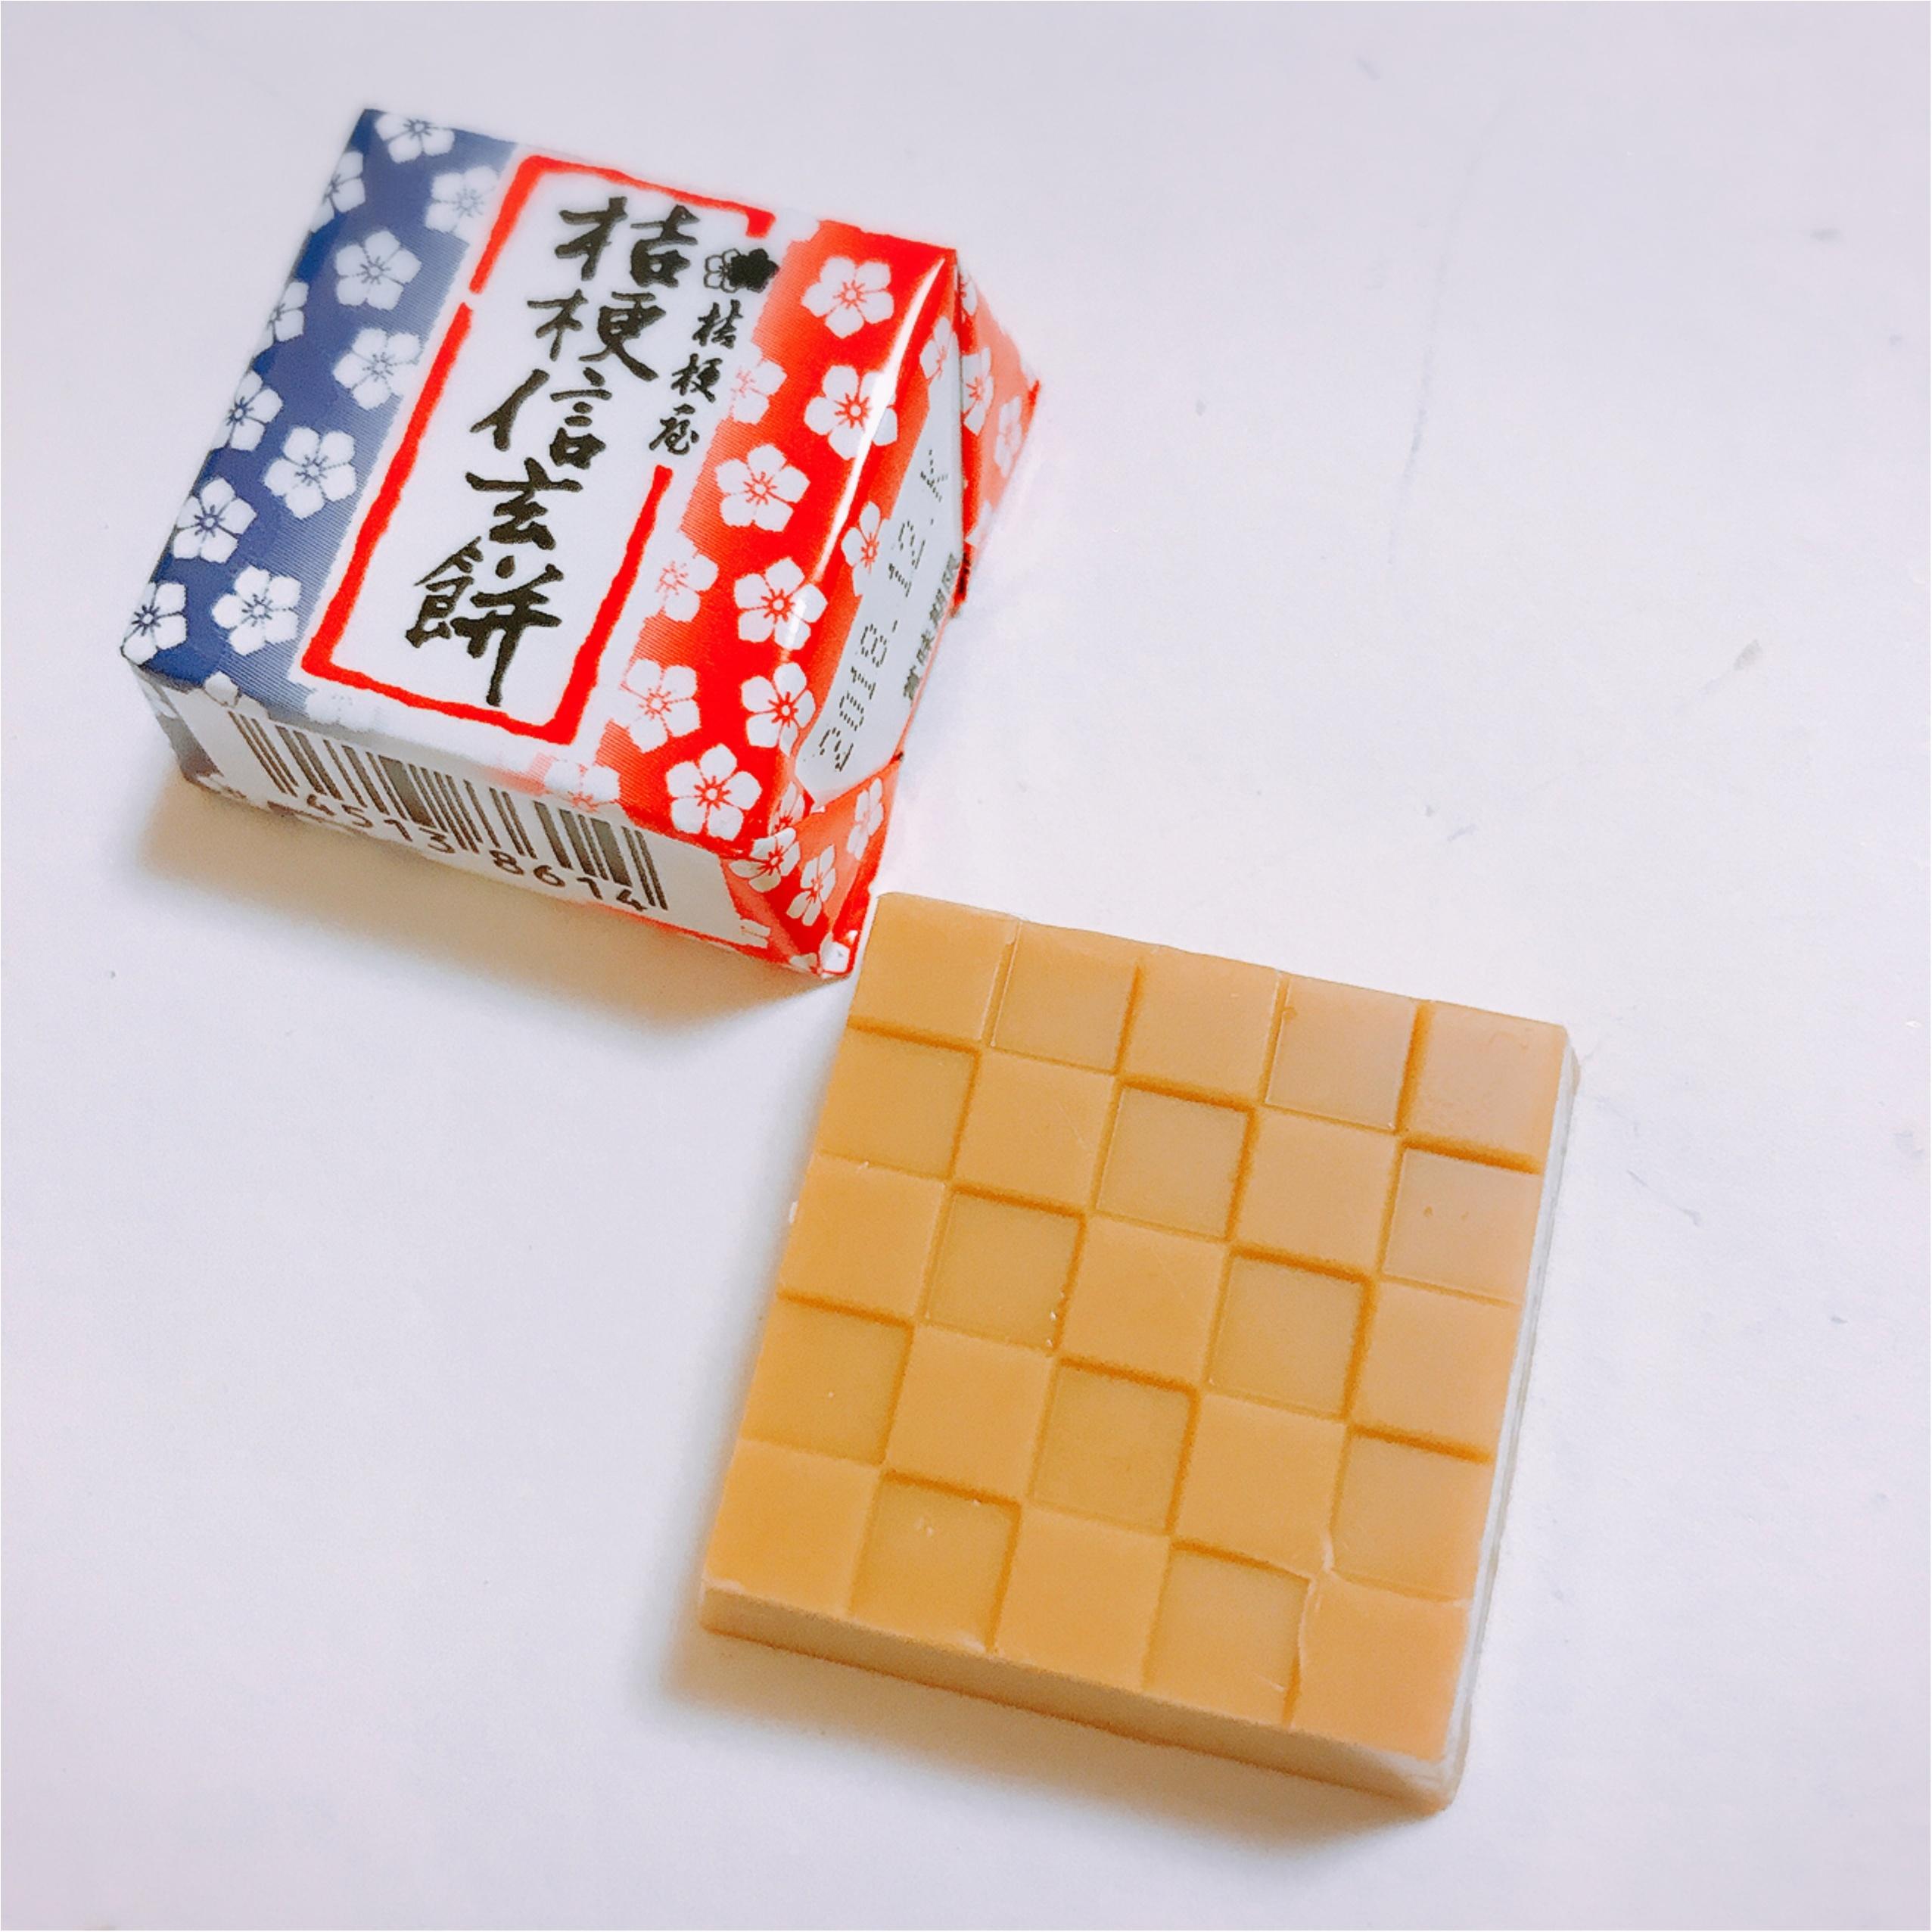 【セブンイレブン限定】2月10日発売!《チロルチョコ 桔梗信玄餅》がおいしすぎるっ♡_2